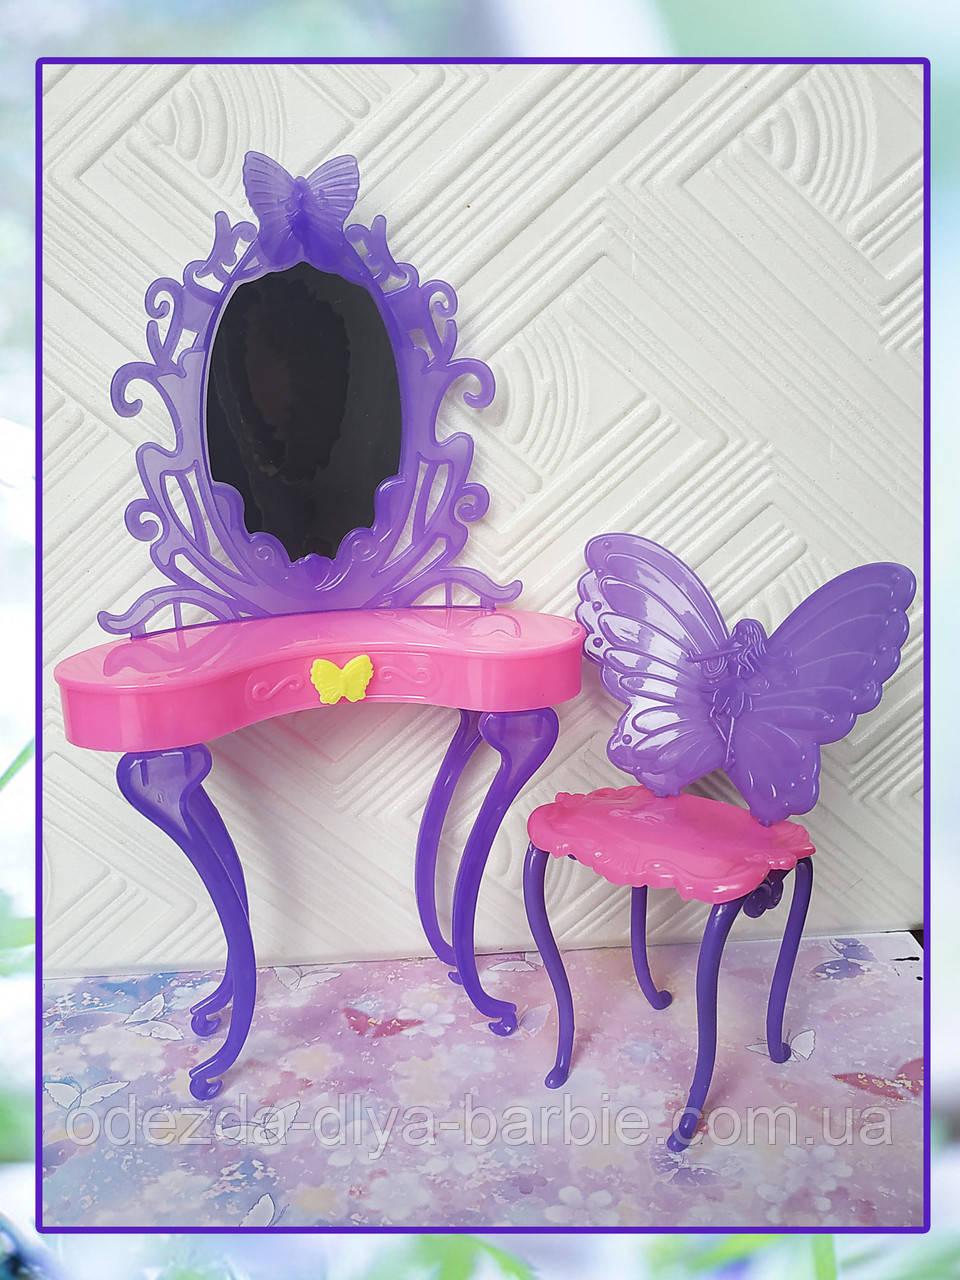 Мебель для кукол - столик с зеркалом и стул